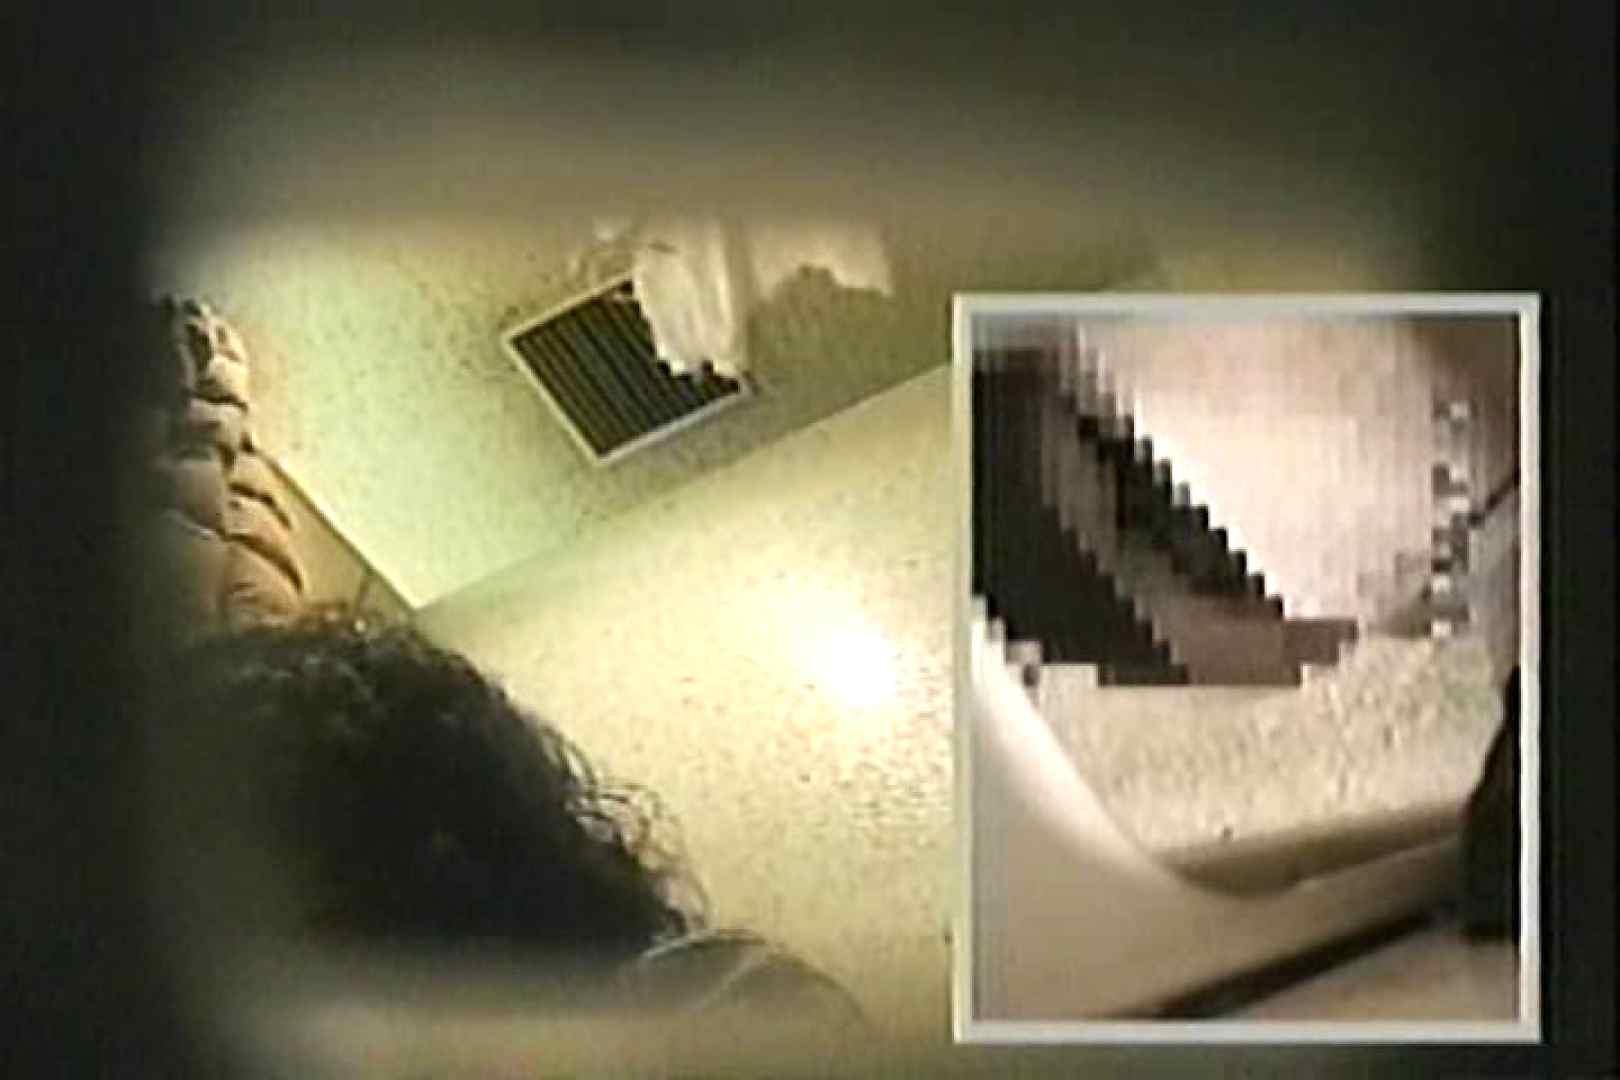 女子洗面所盗撮 今度の2カメは若い子だらけ  TK-127 マルチアングル | おまんこ  91画像 36